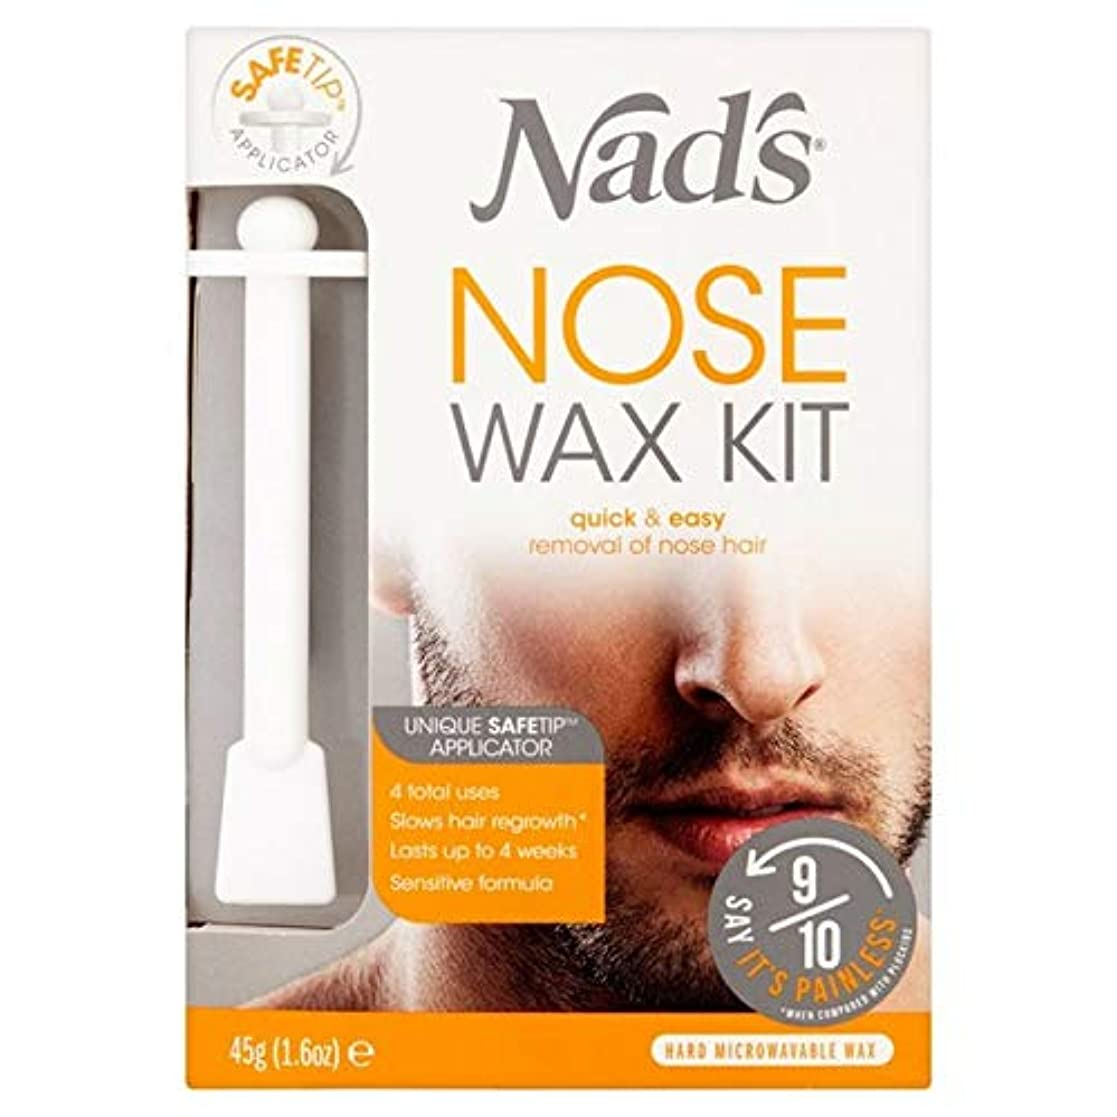 ヒント拍車強調[Nad's] Nadの鼻ワックスキット45グラム - Nad's Nose Wax Kit 45g [並行輸入品]